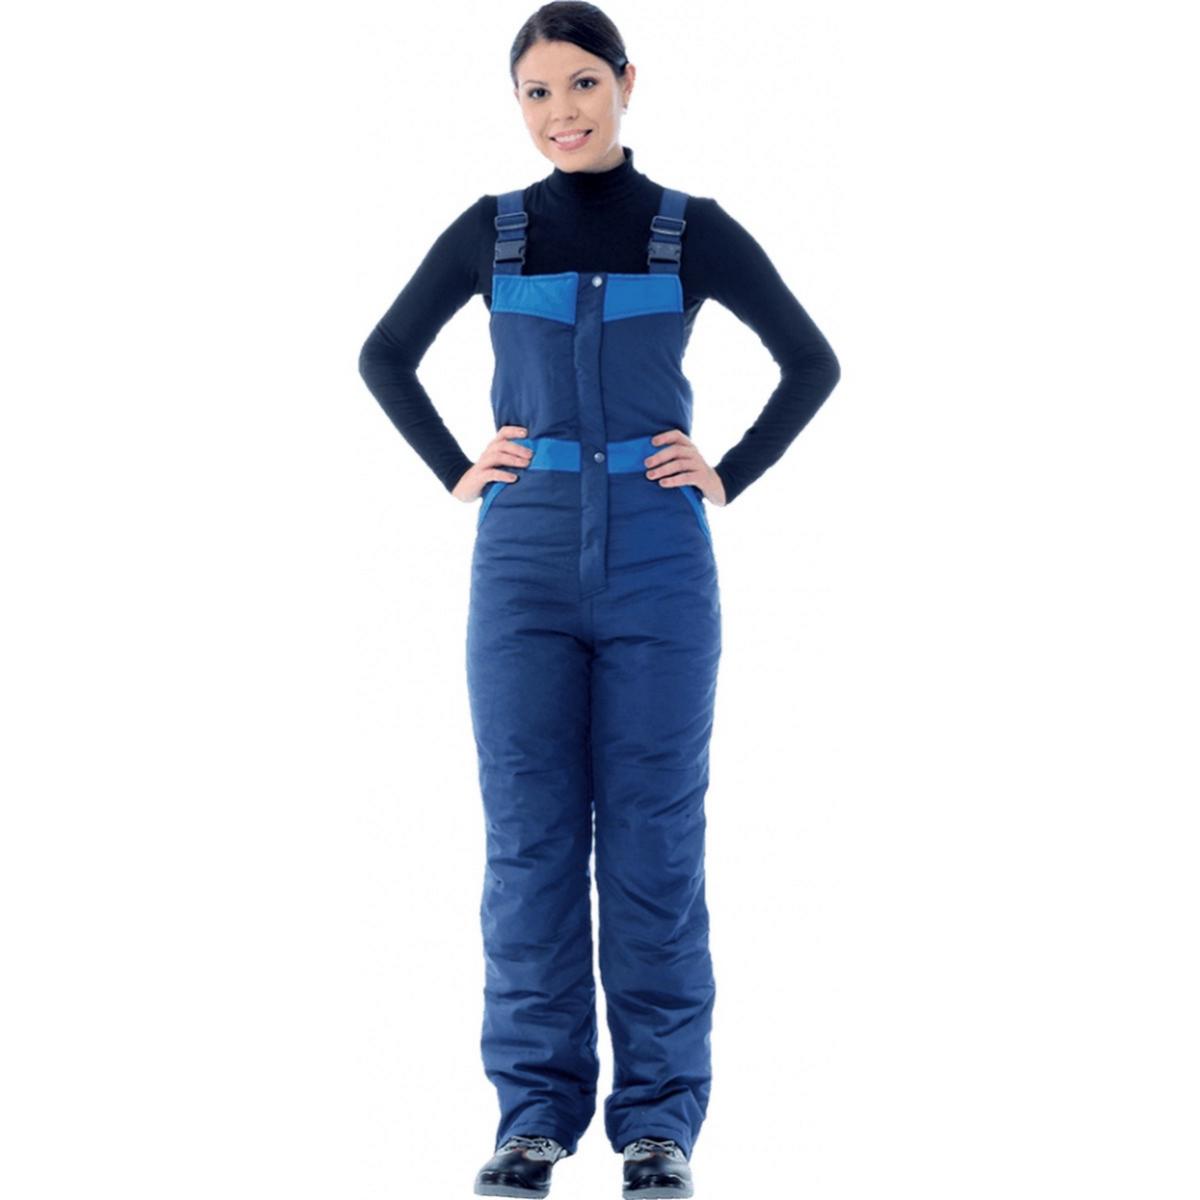 Полукомбинезон ЗИМУШКА утеплённый т/синий-василёк женский (разм. 120-124 рост 158-164)